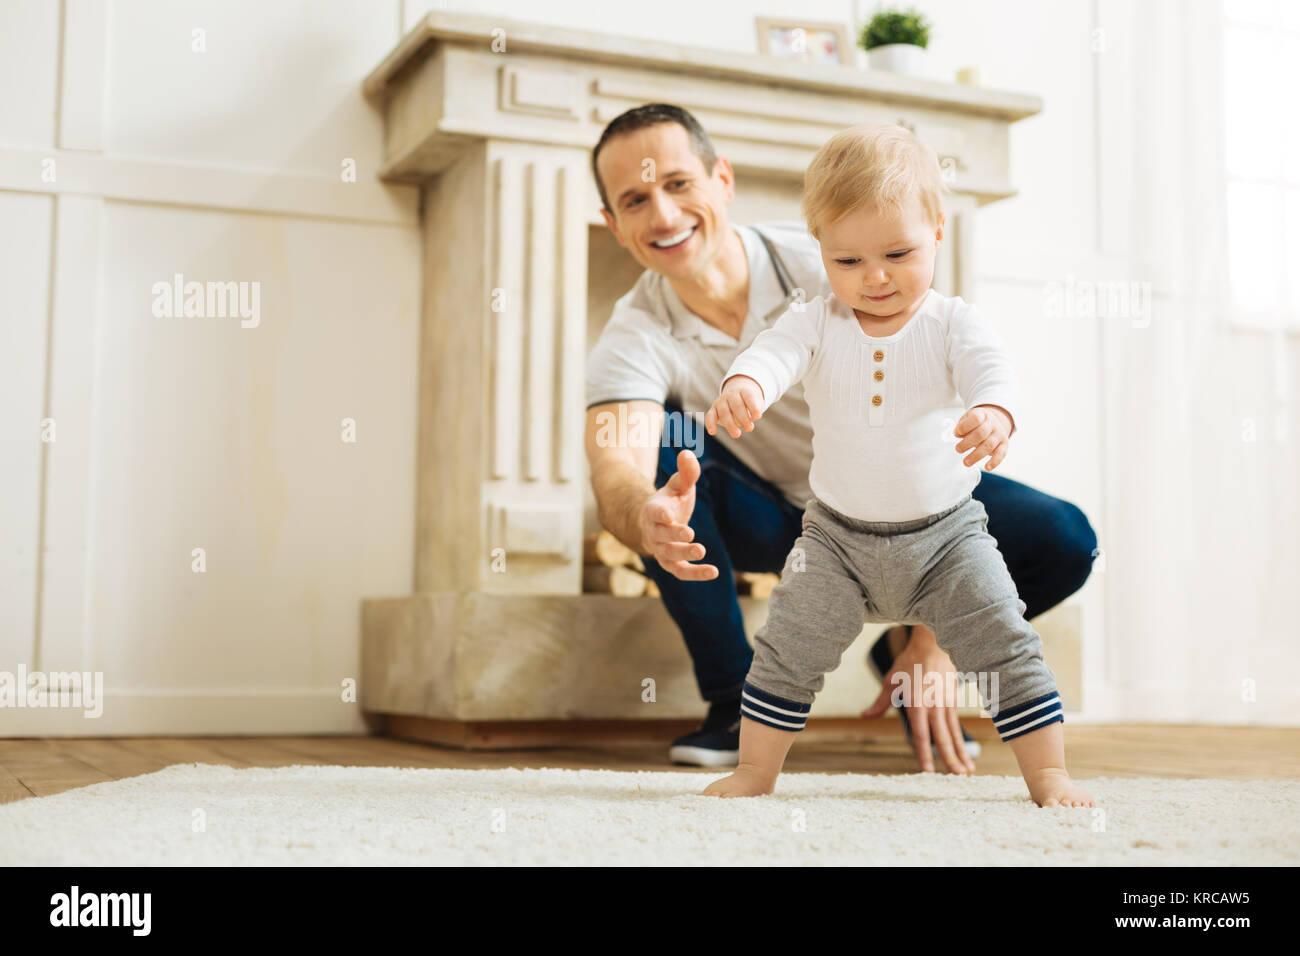 Happy baby cercando di alzarsi in piedi mentre un allegro padre essendo pronti ad aiutare Immagini Stock